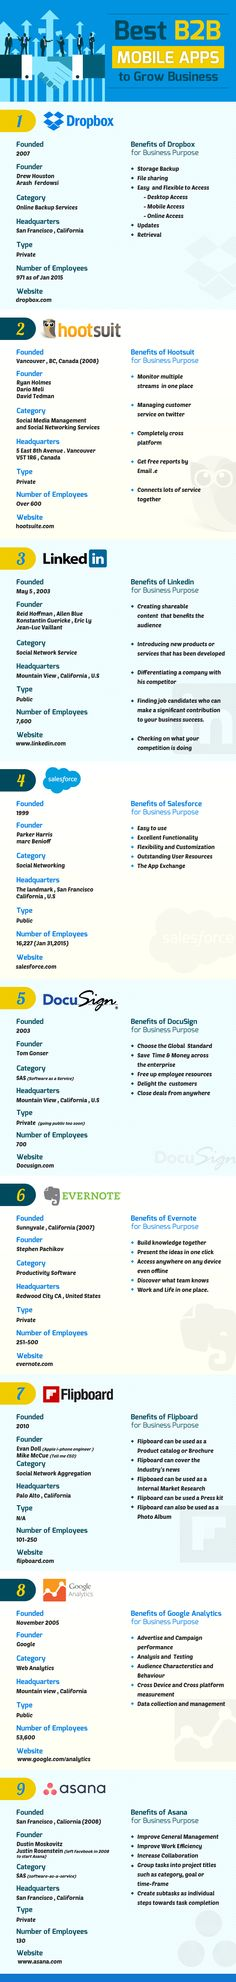 Dropbox, Hootsuite, Evernote & Co. – die besten Smartphone-Apps für B2B-Anwendungen